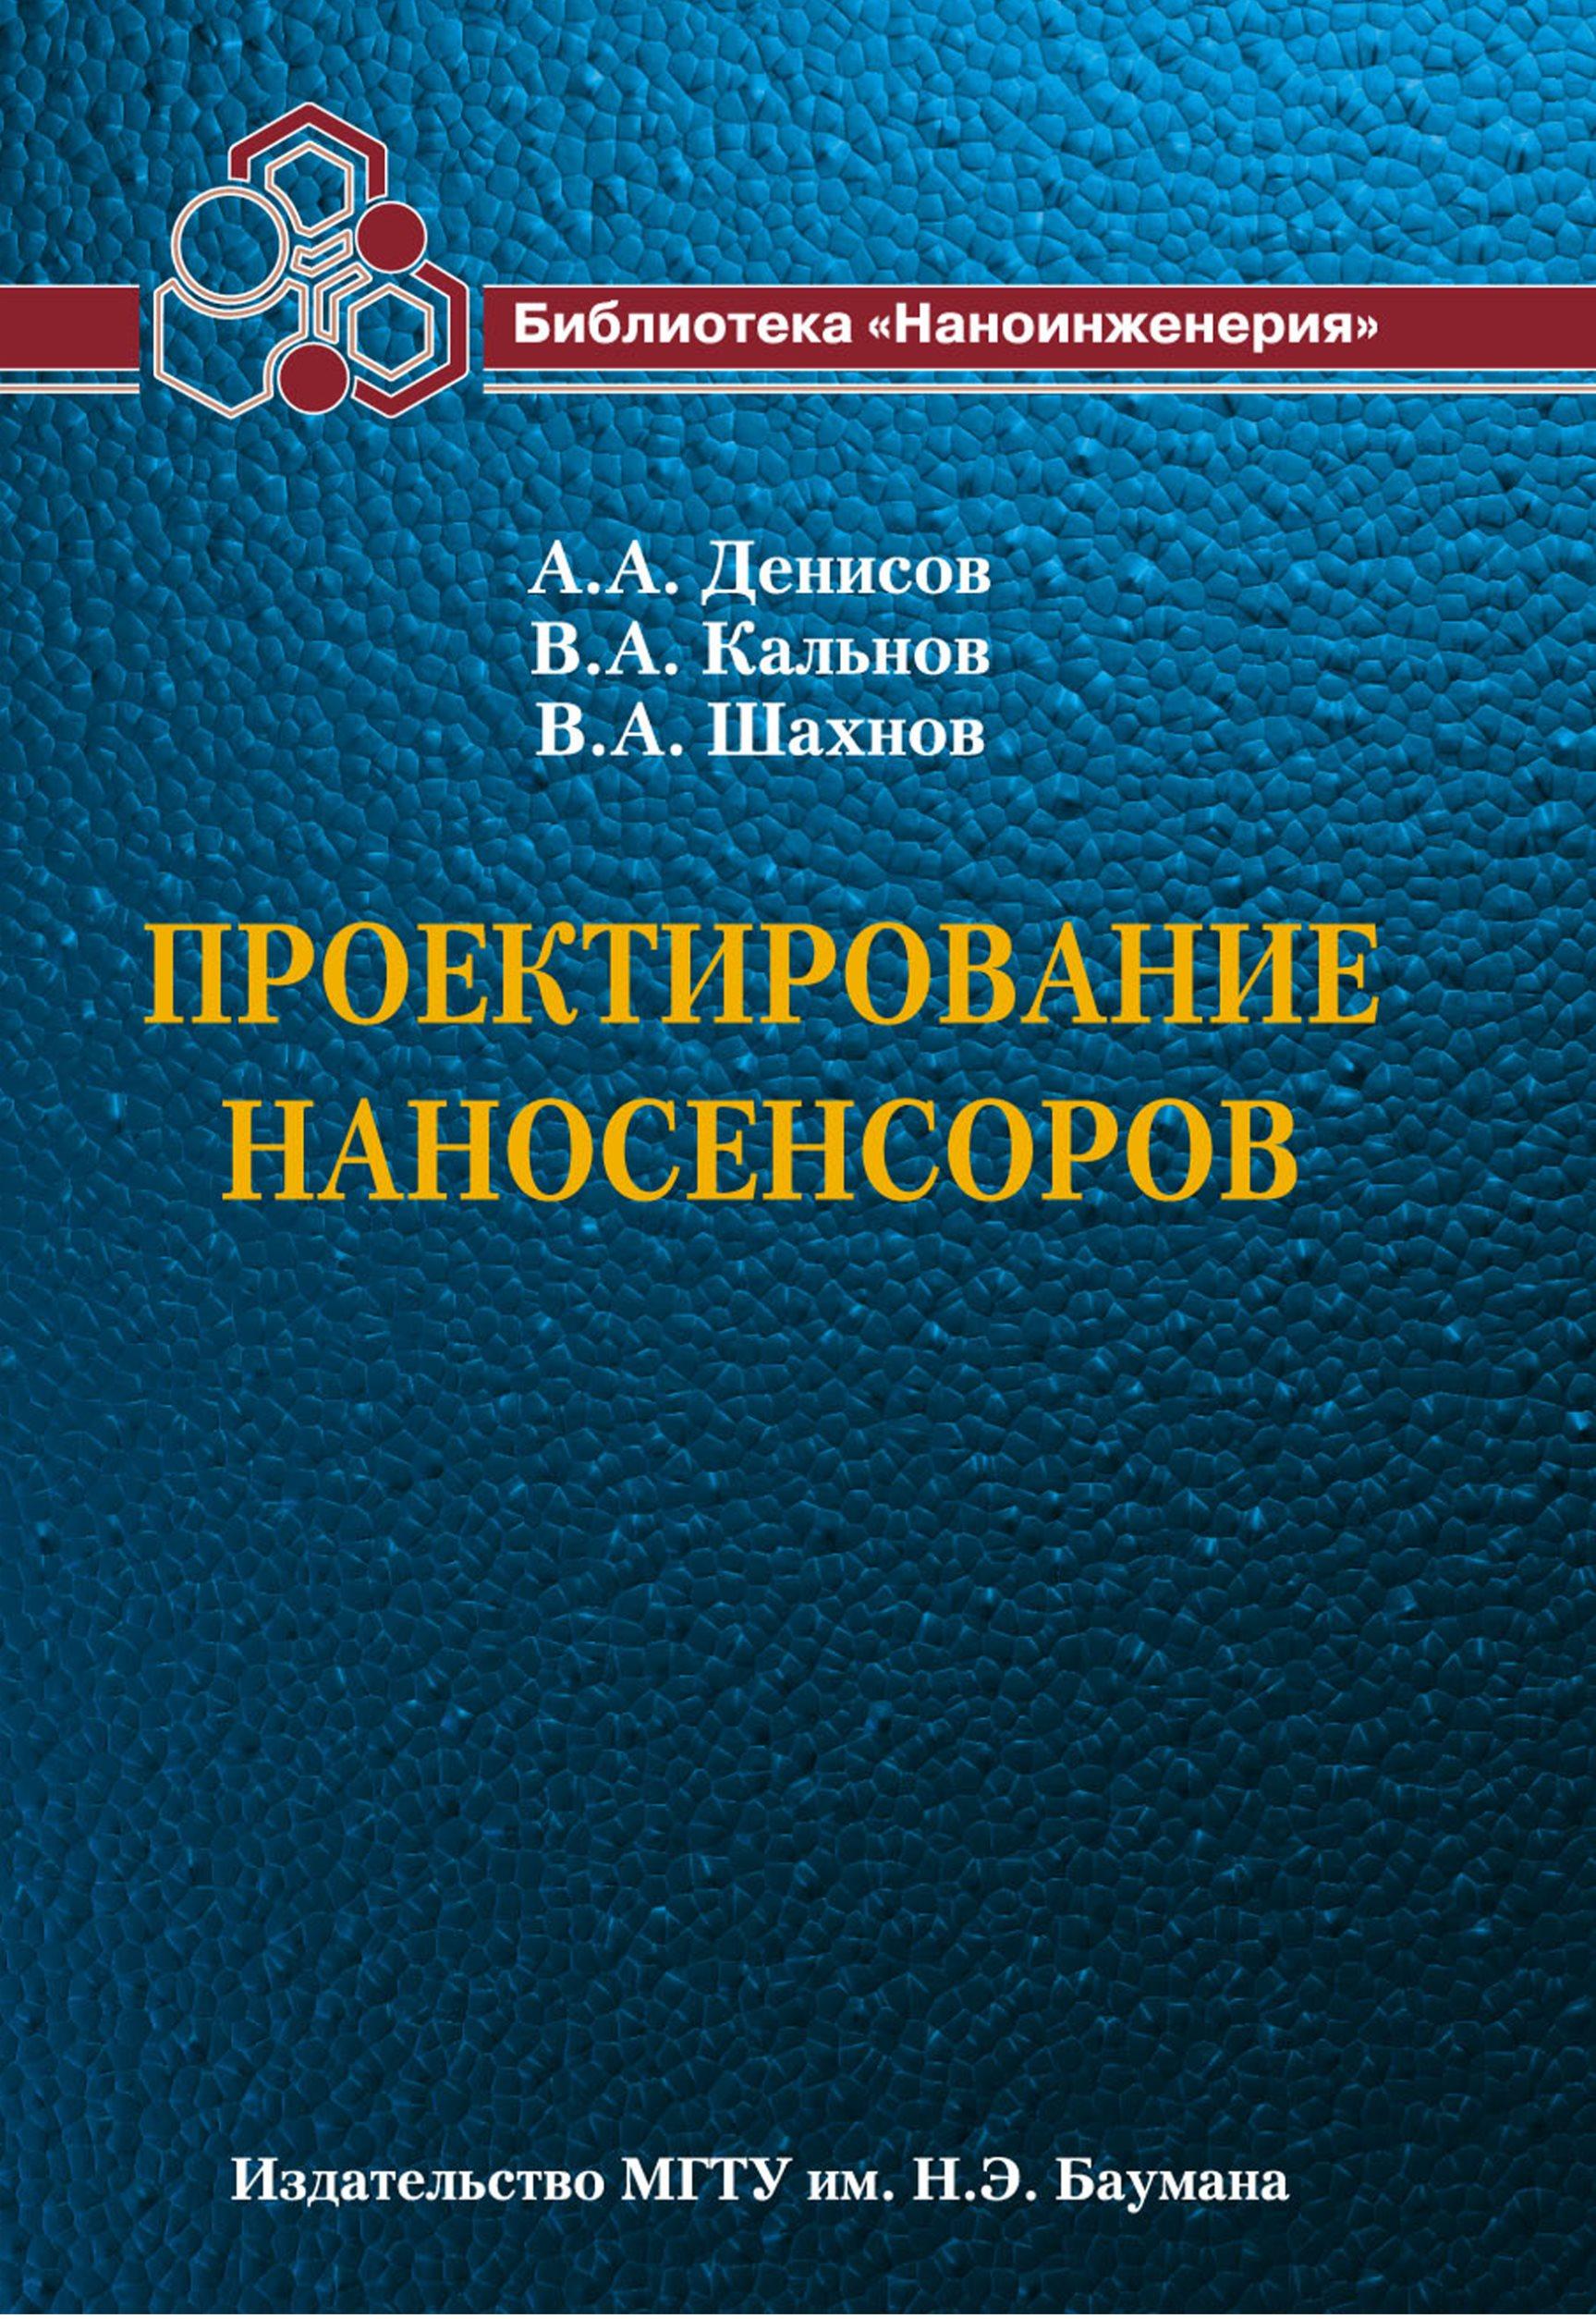 Вадим Шахнов Проектирование наносенсоров